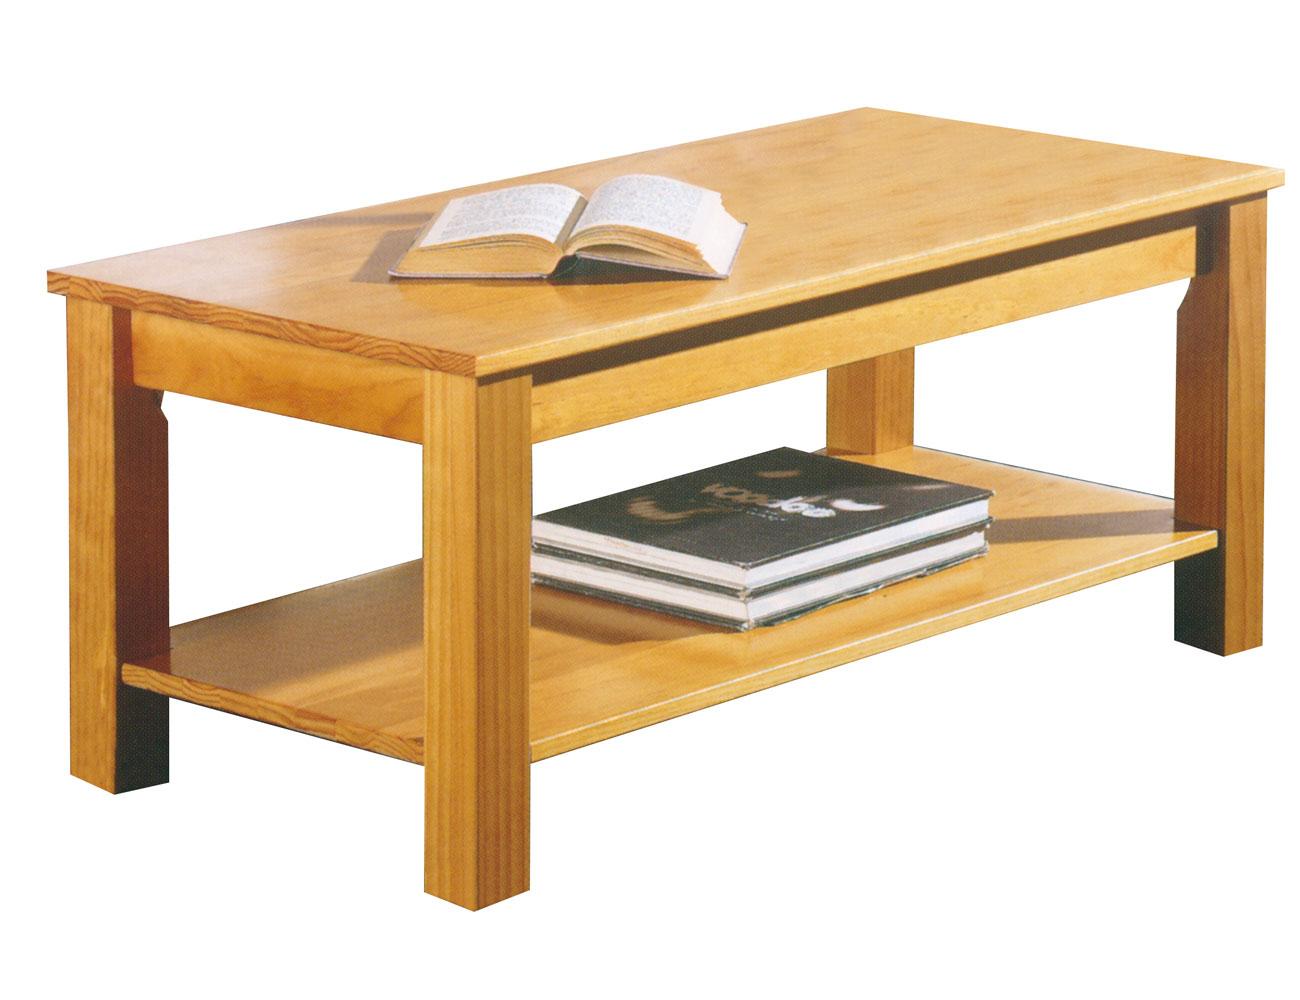 Mesa centro de madera en color miel (8147) | Factory del Mueble Utrera